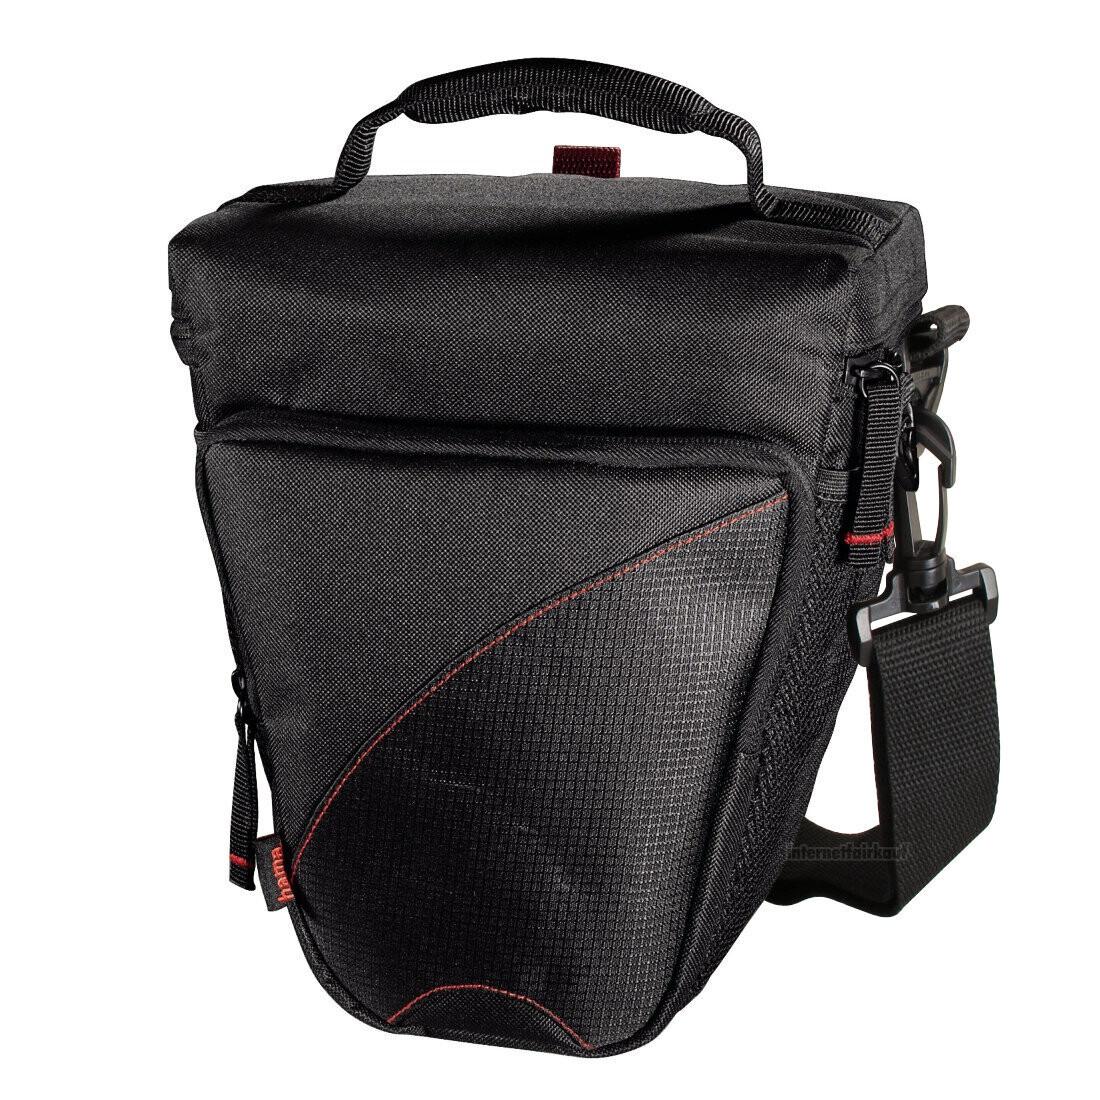 Kameratasche passend für Panasonic Lumix DC-S1 - Fototasche